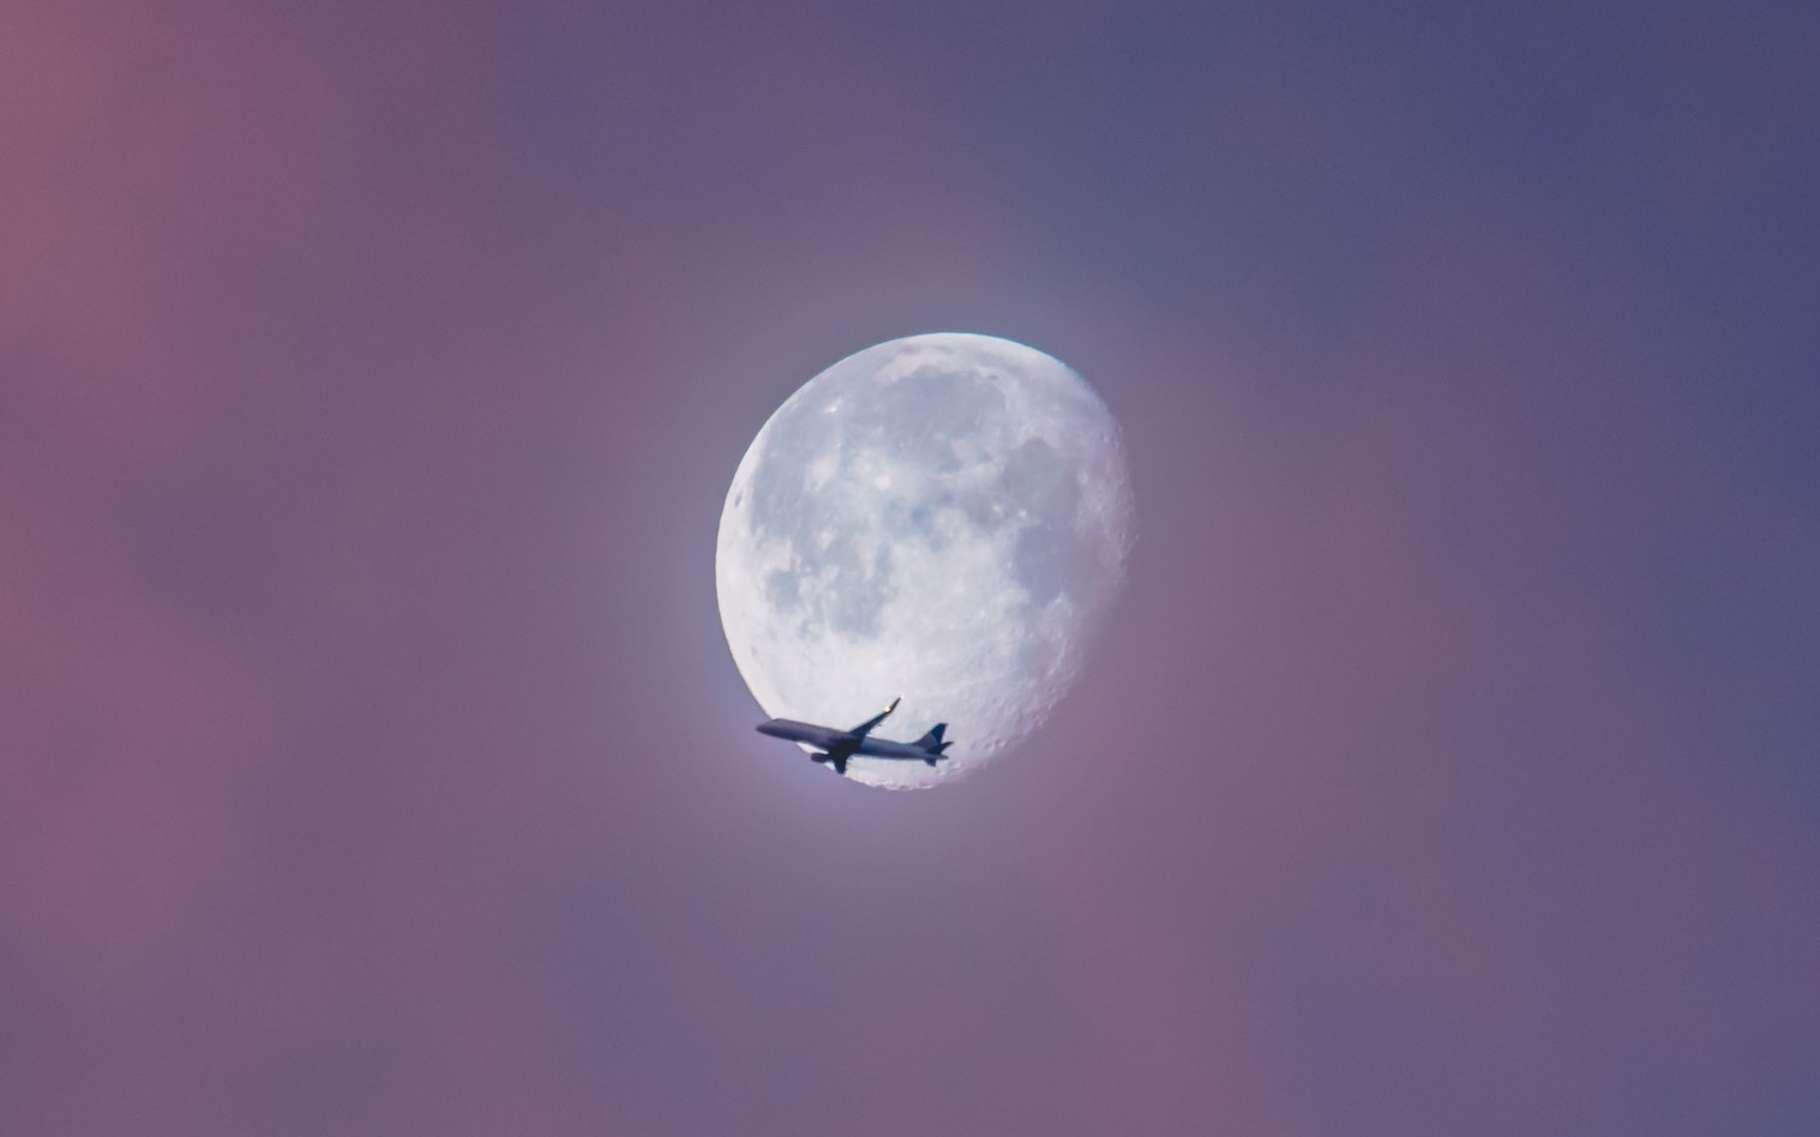 Les avions ne volent pas à une altitude fixe. Ils volent à des altitudes qui varient selon de nombreux paramètres. © Ian Simmonds, Unsplash